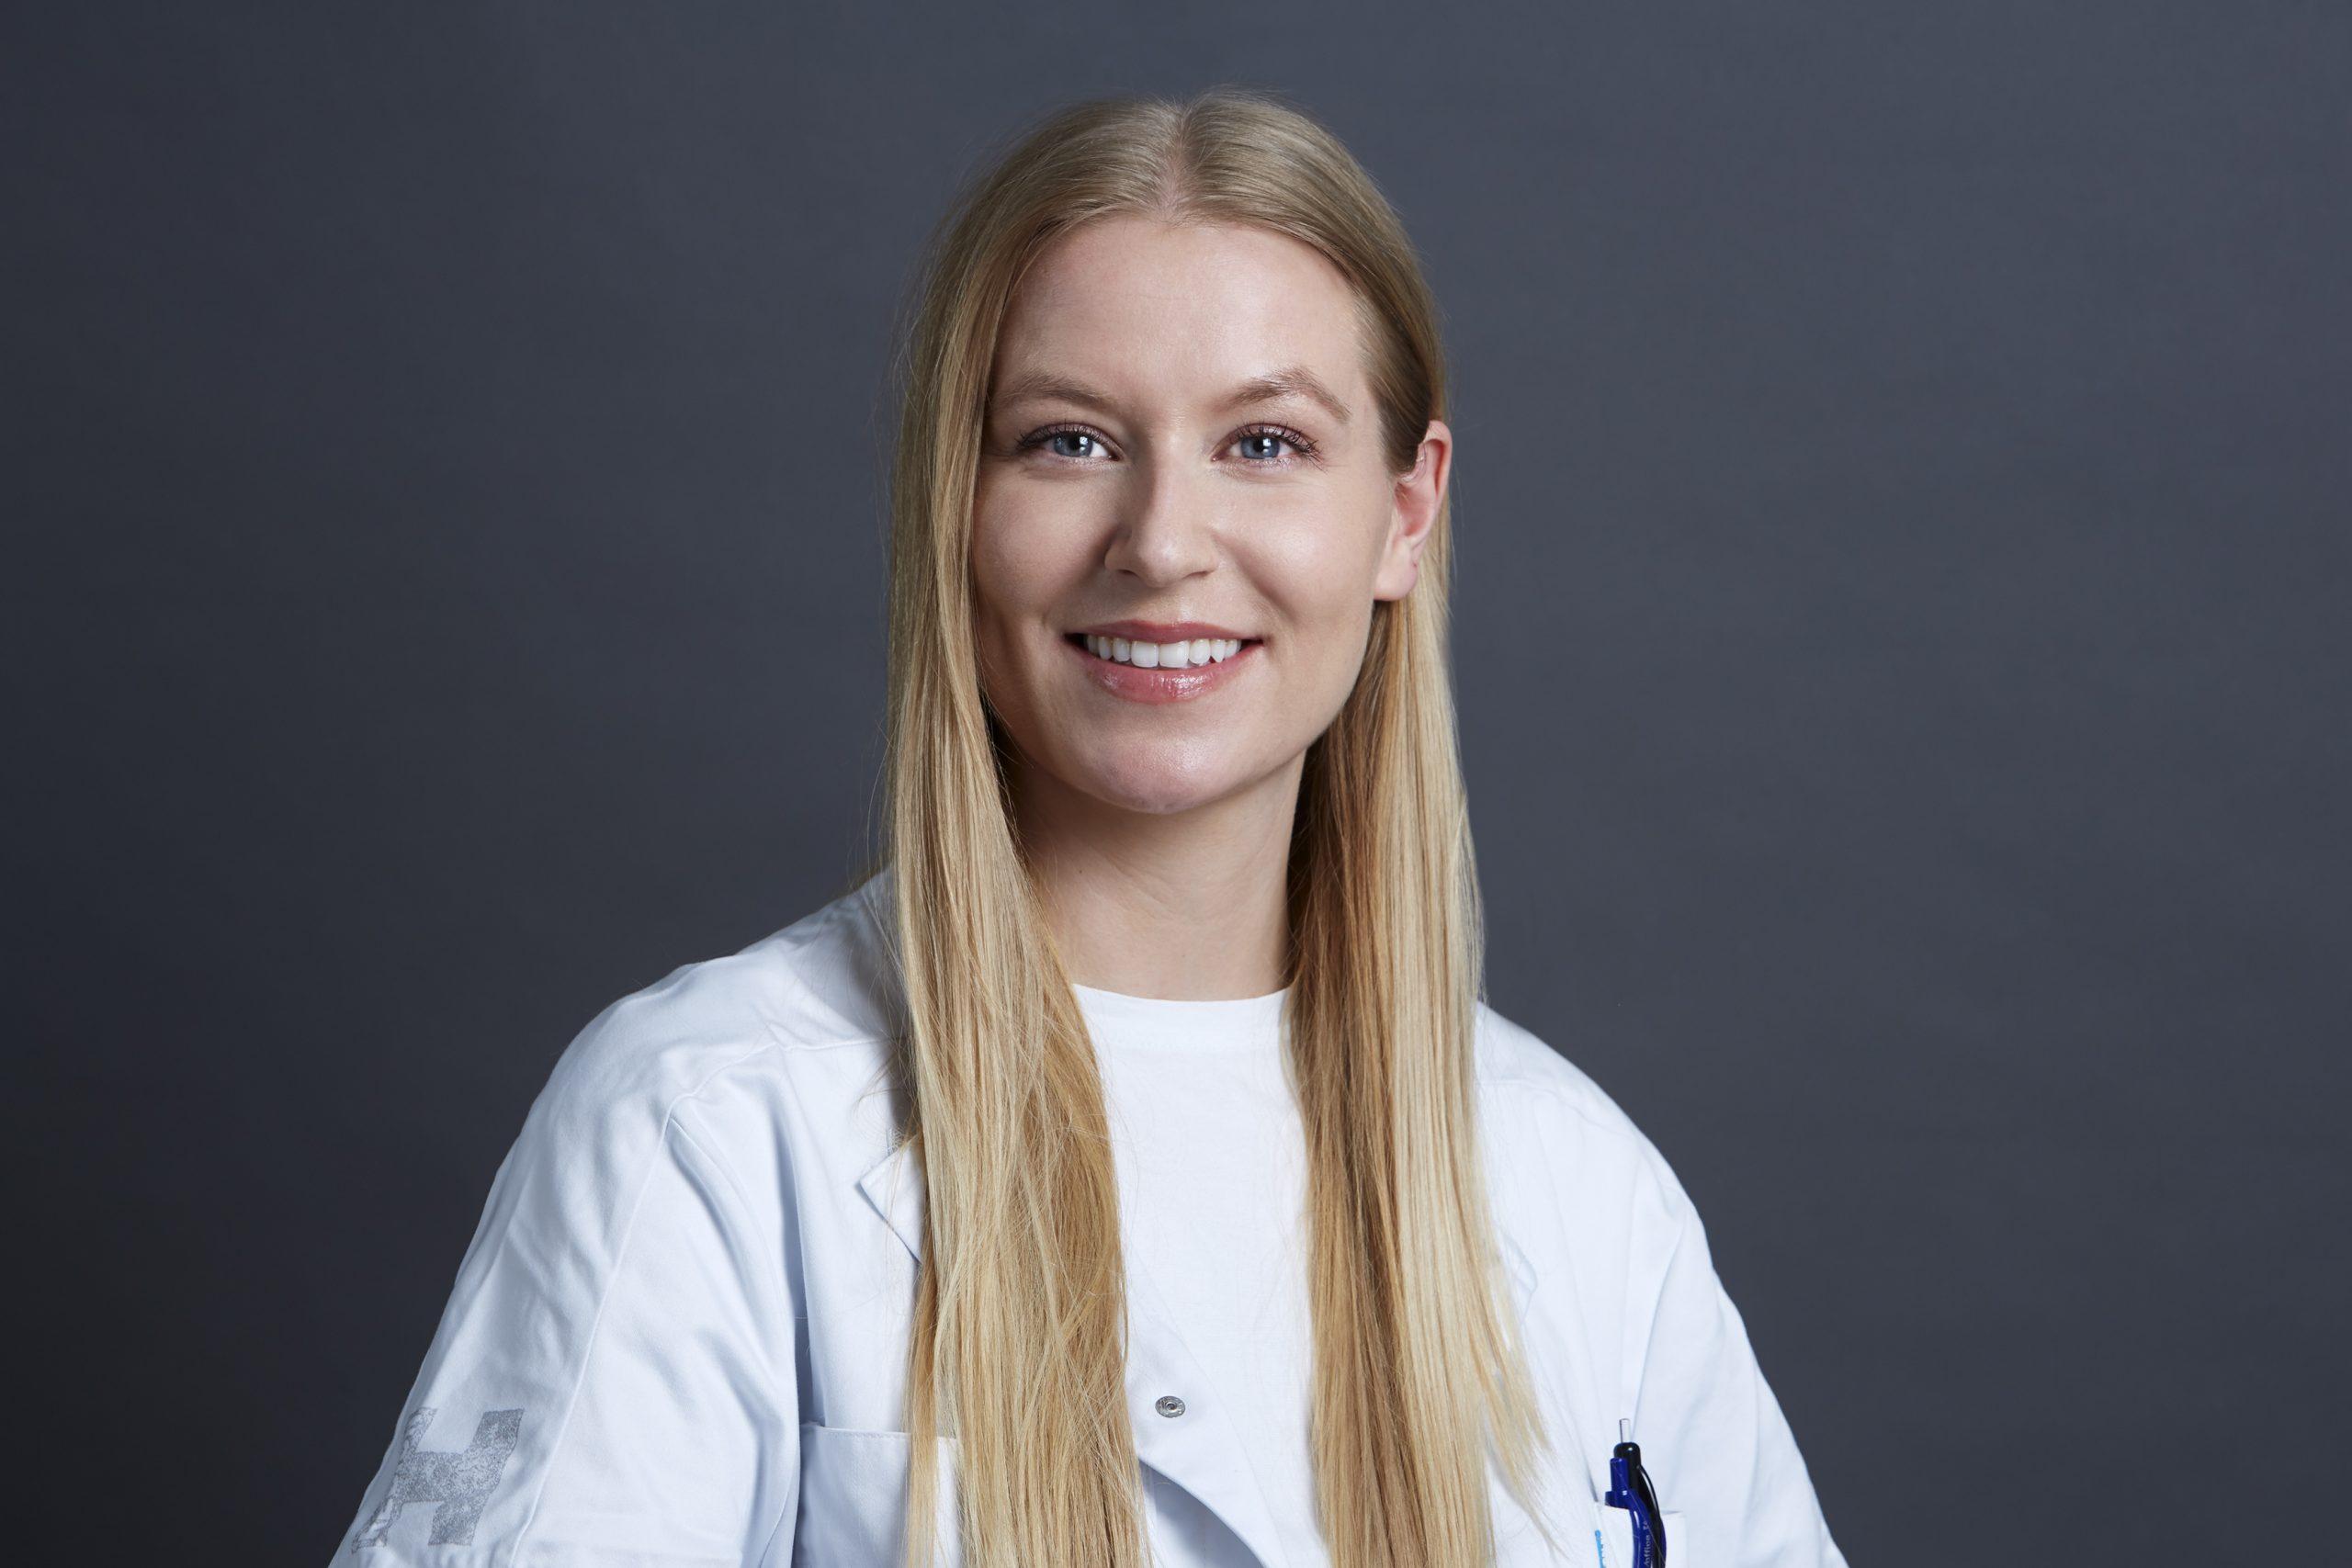 Marianne_Baastrup_Søndergaard__ALR0183